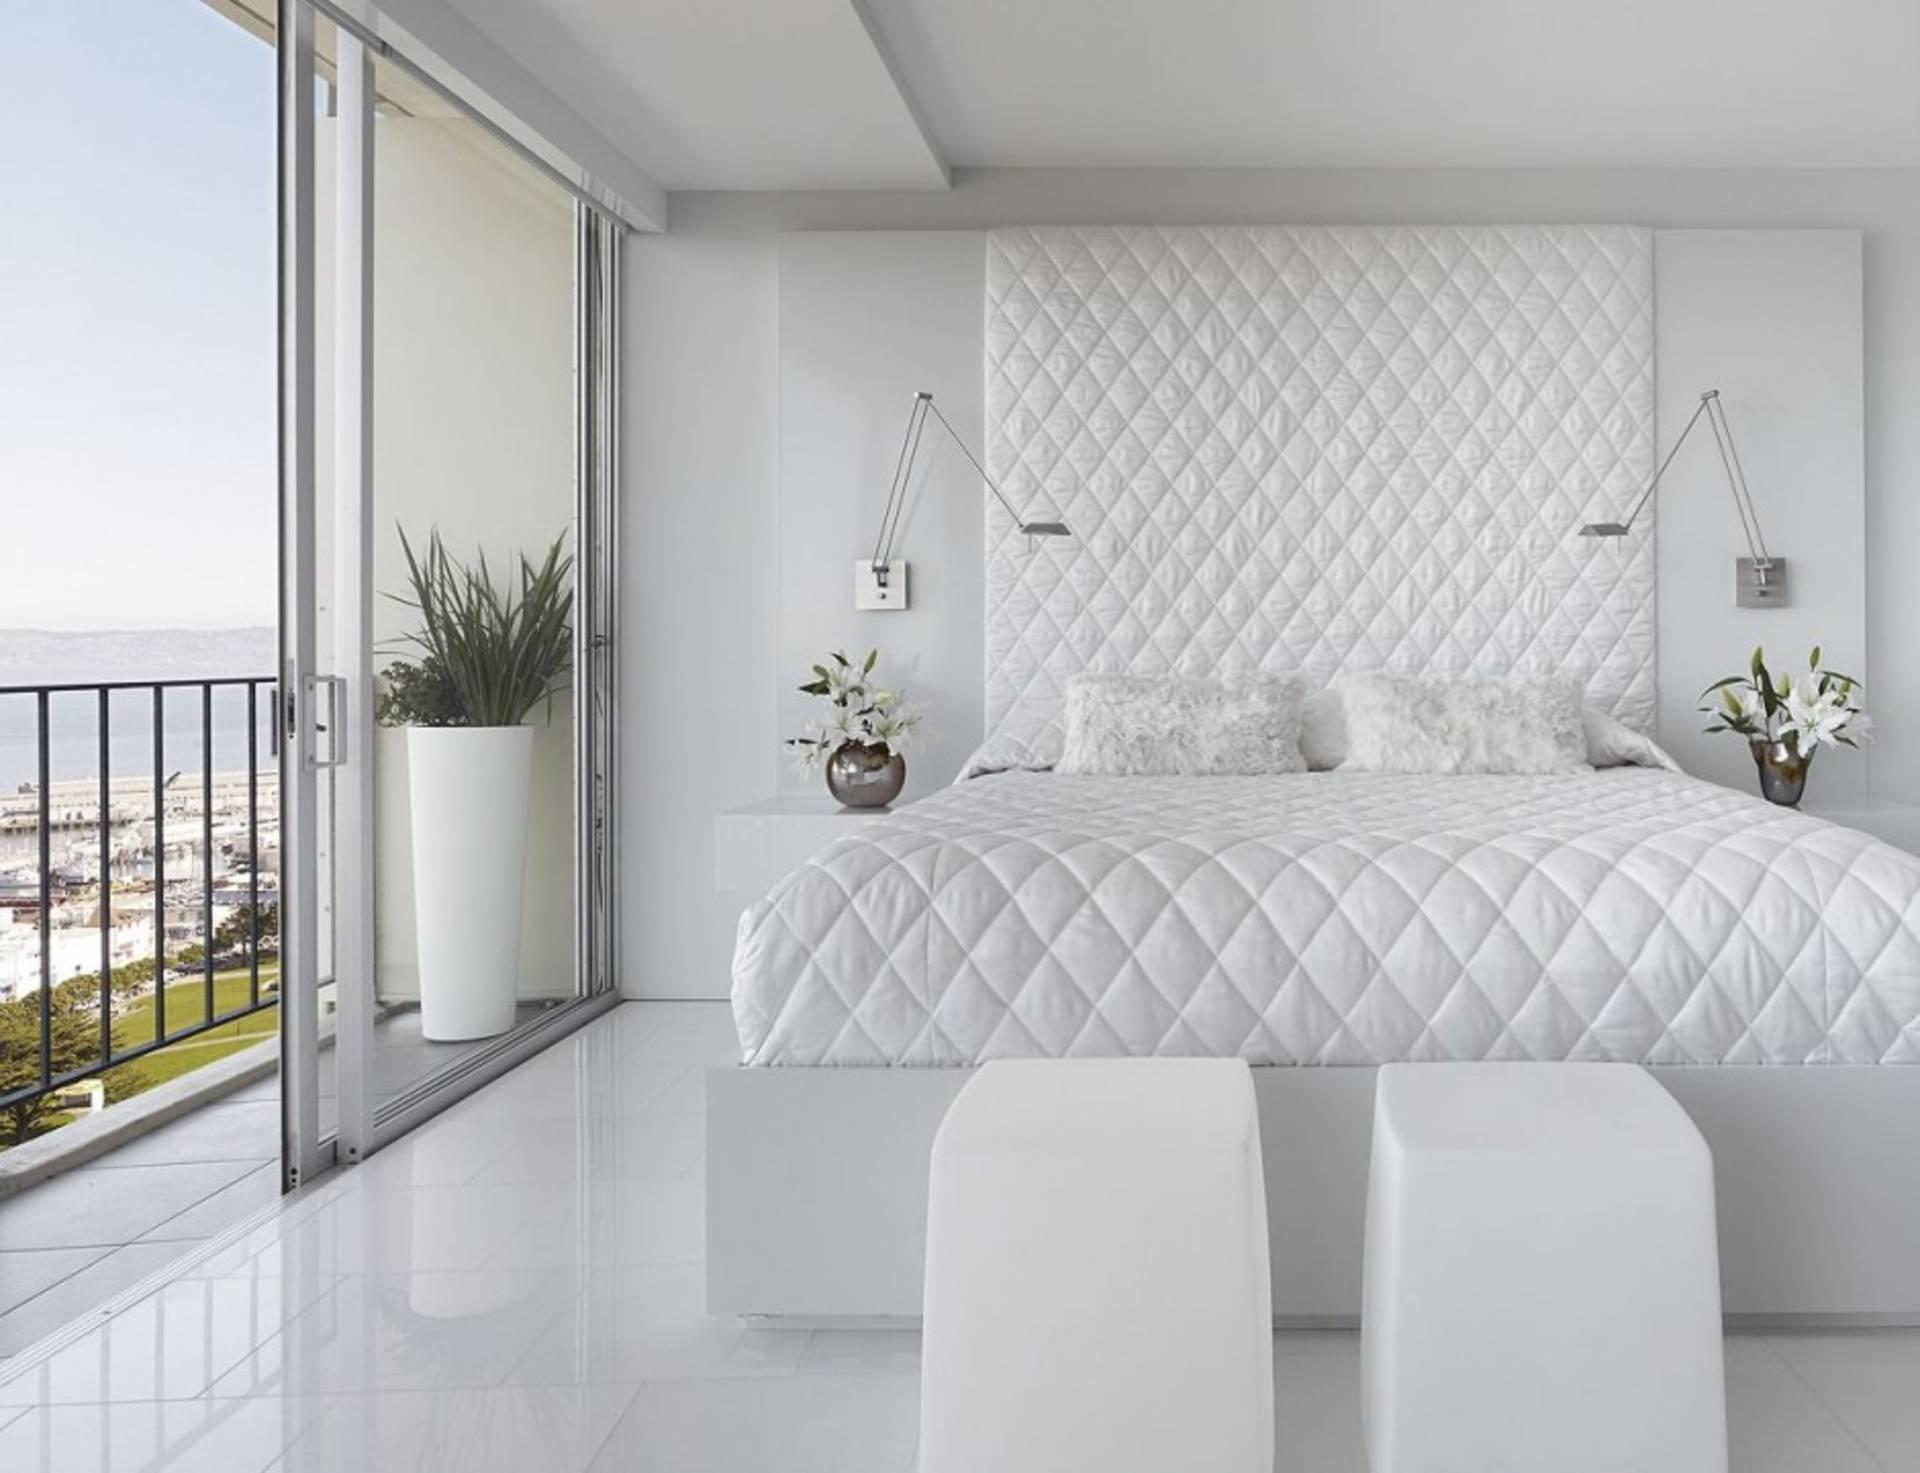 Nội thất phòng ngủ hiện đại đơn giản 3